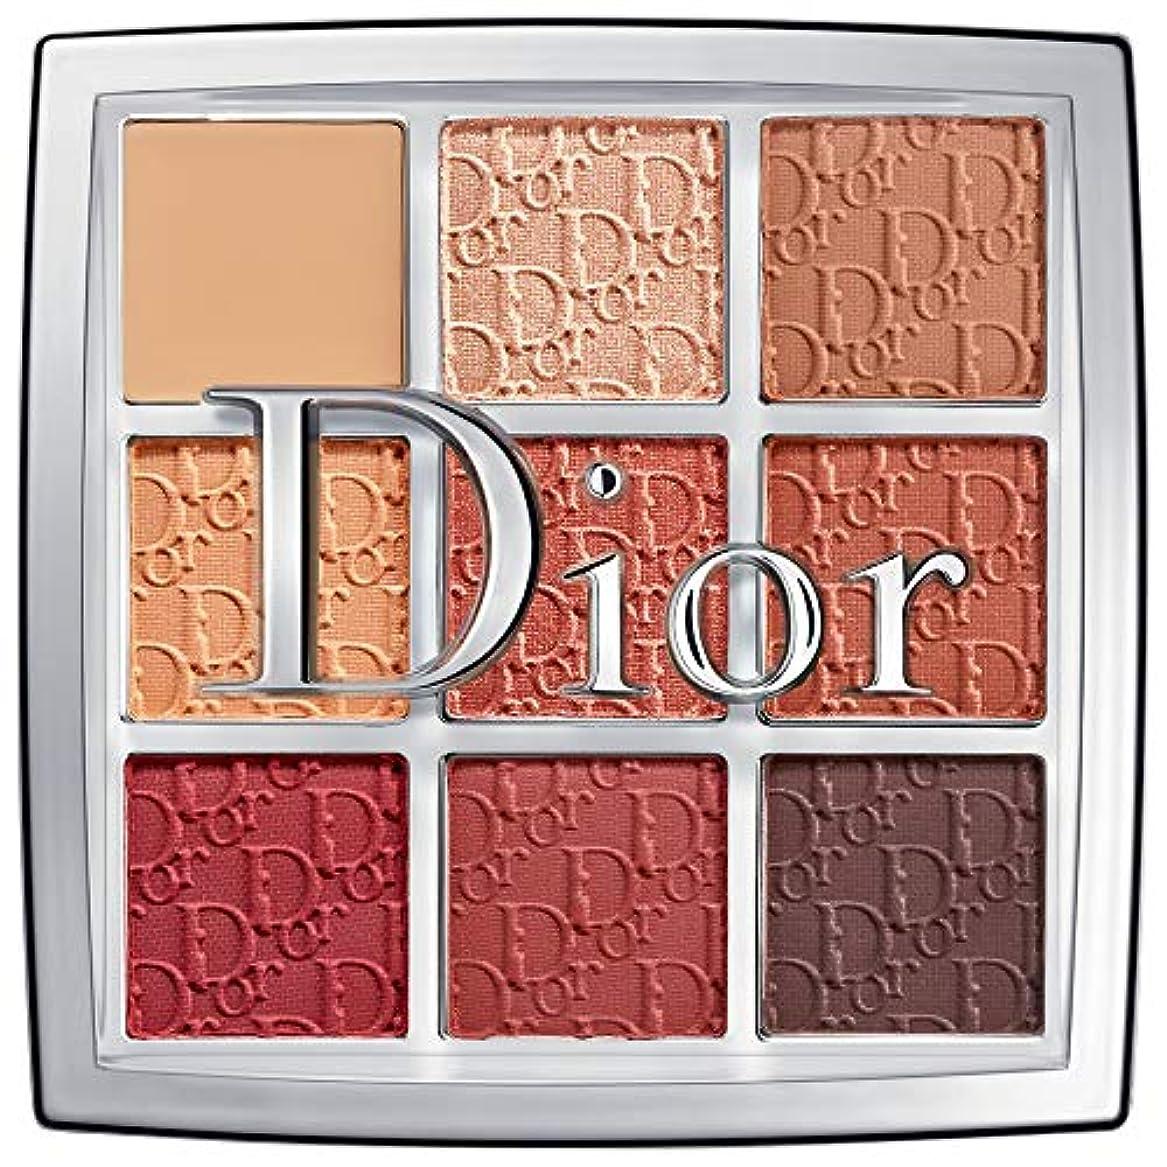 原稿ぬいぐるみベックス【 国内正規品 】Dior ディオール バックステージ アイ パレット #003 アンバー 10g (アシャドウ)